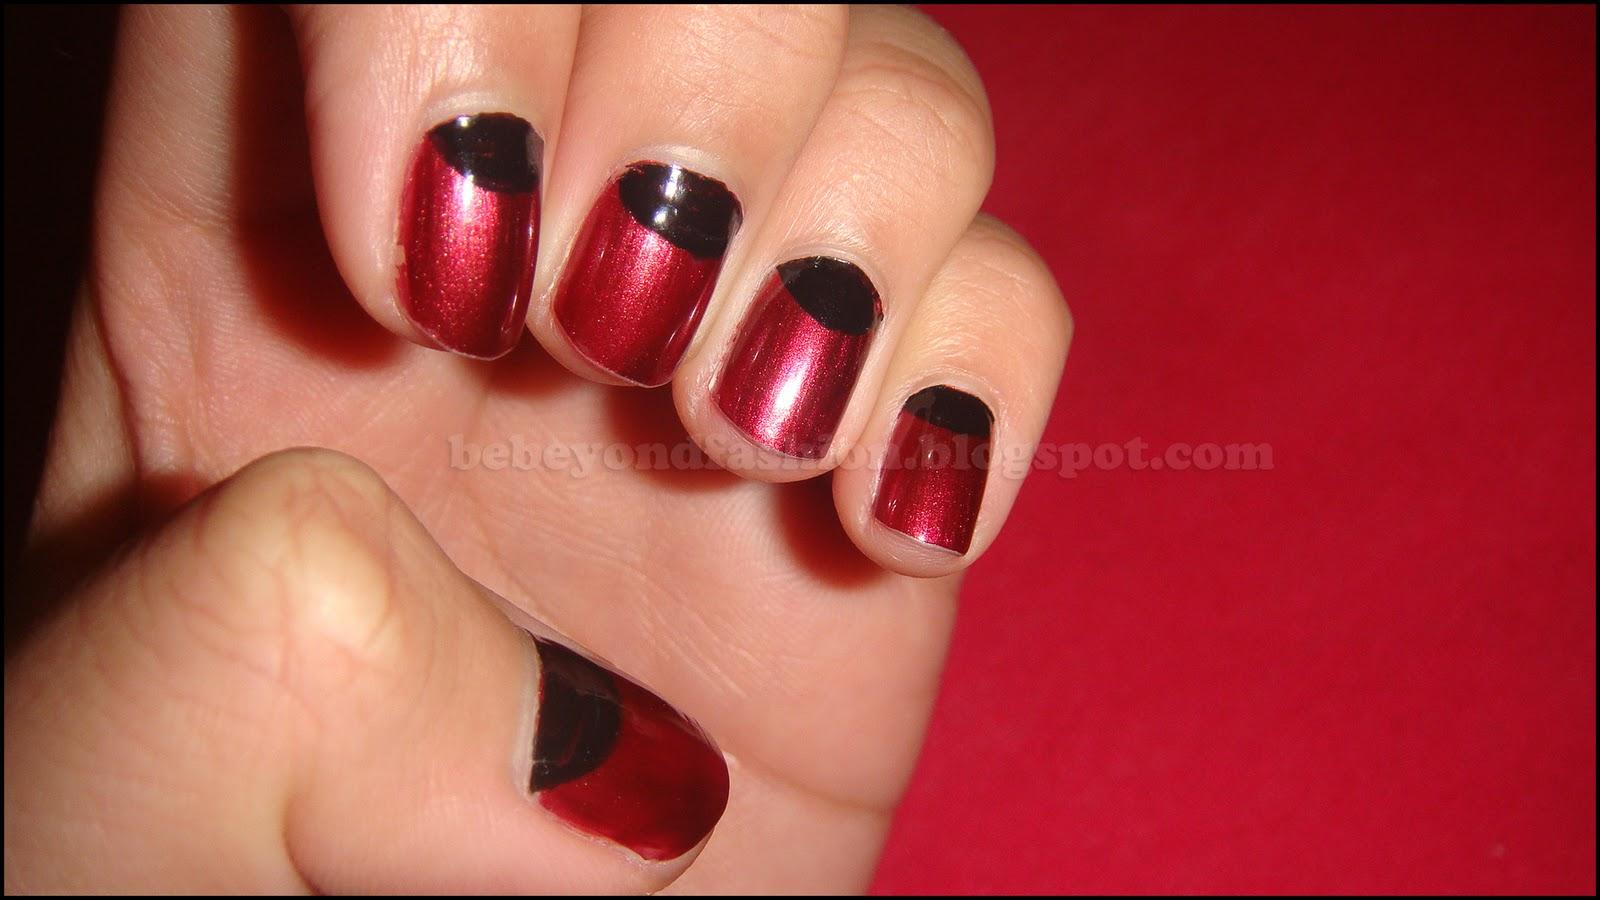 Vampire Shaped Nails